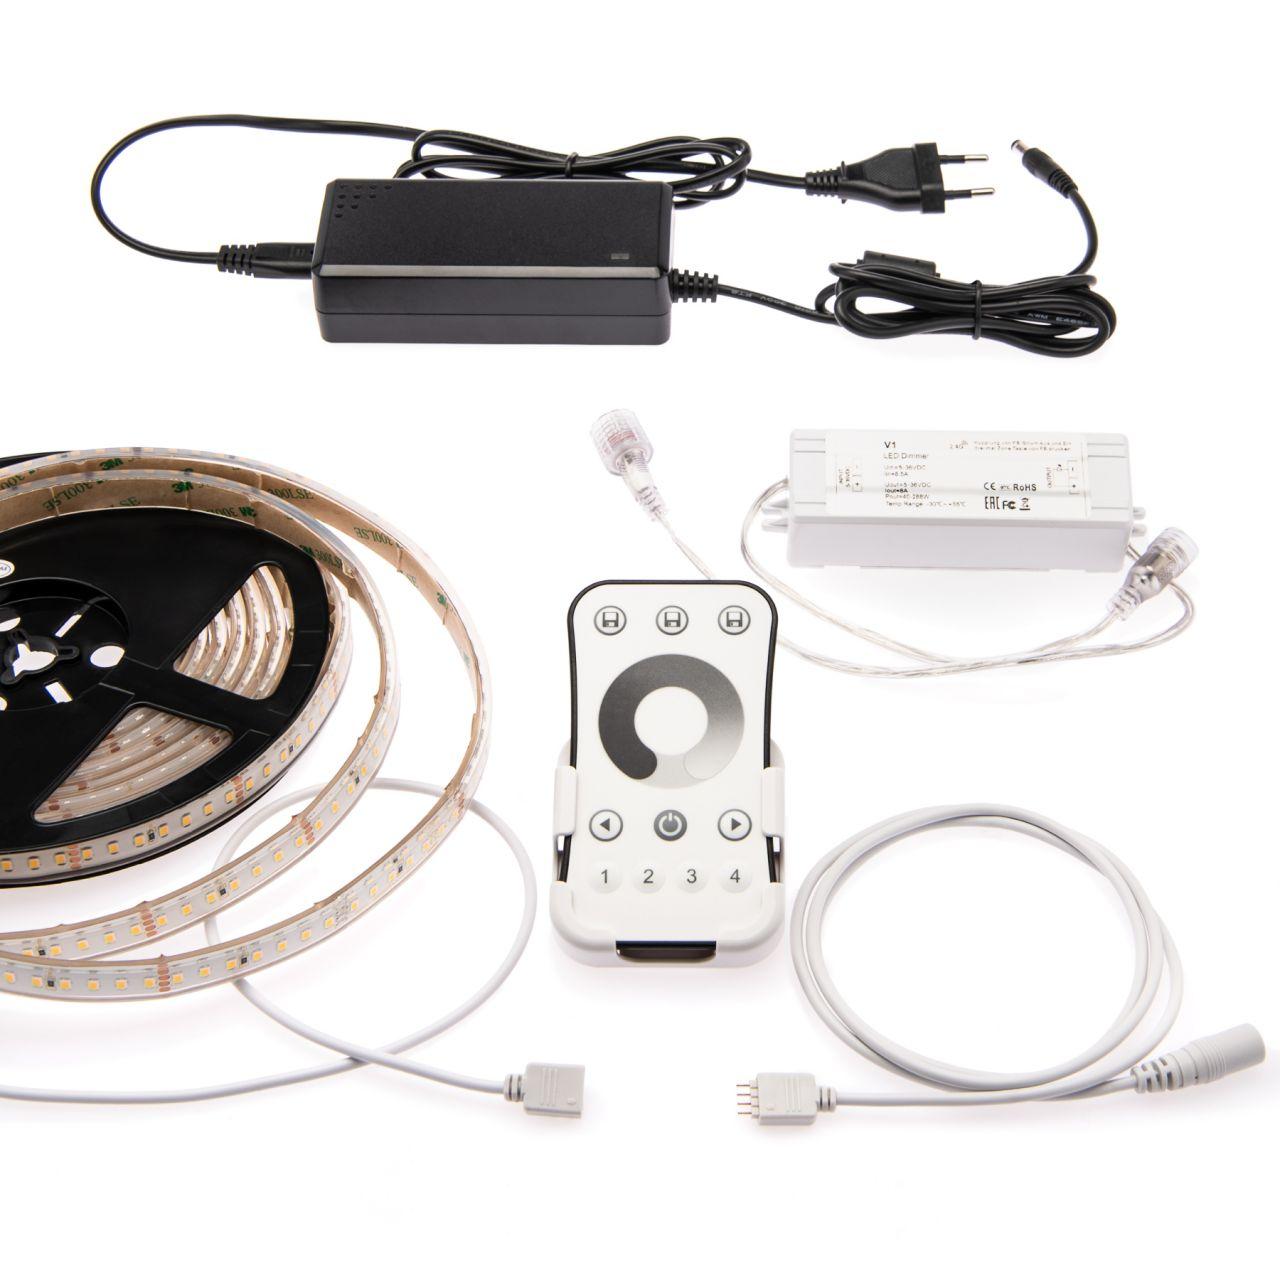 wasserfestes 24V LED Streifen Set mit Fernbedienung und Netzteil, 500cm Länge, Lichtfarbe warmweiß,